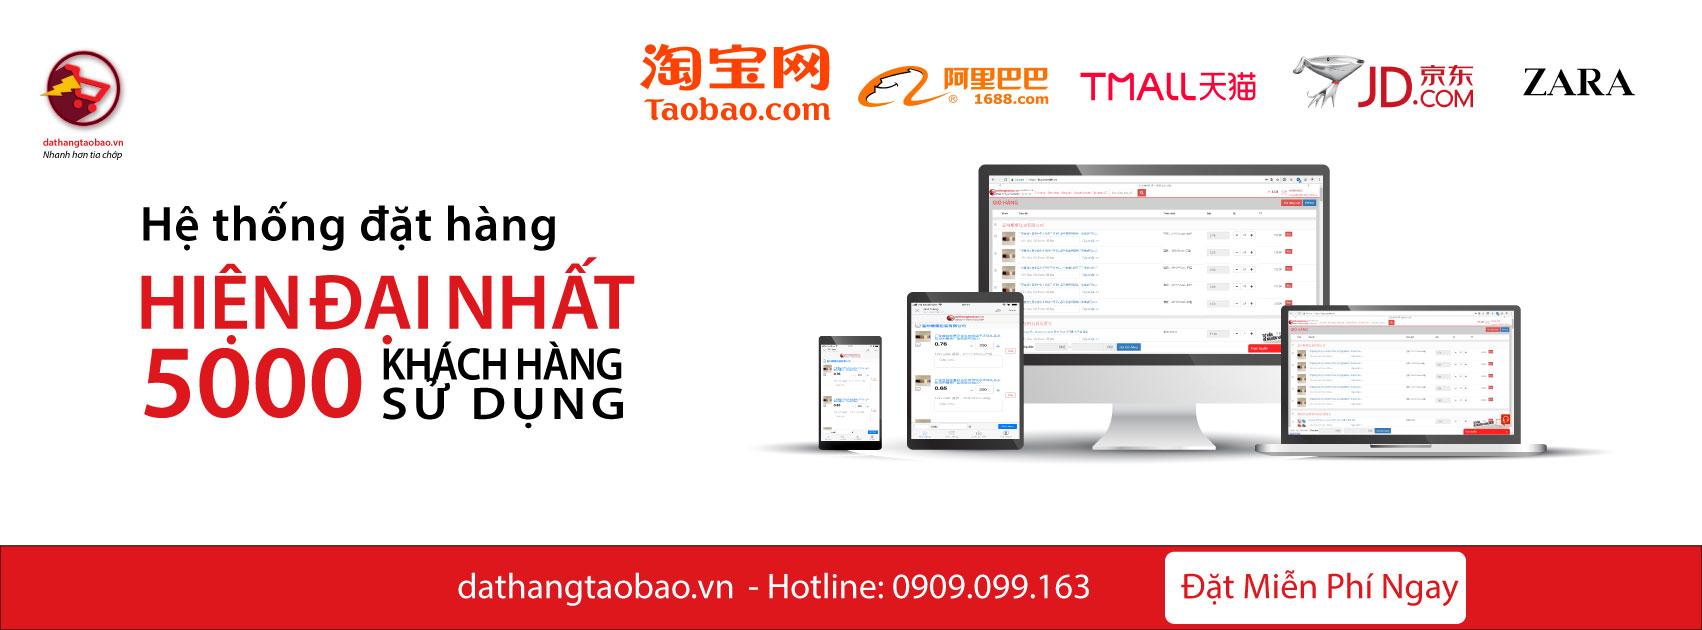 Dịch Vụ Oder Vận Chuyển Hàng Trung Quốc Về Việt Nam 7